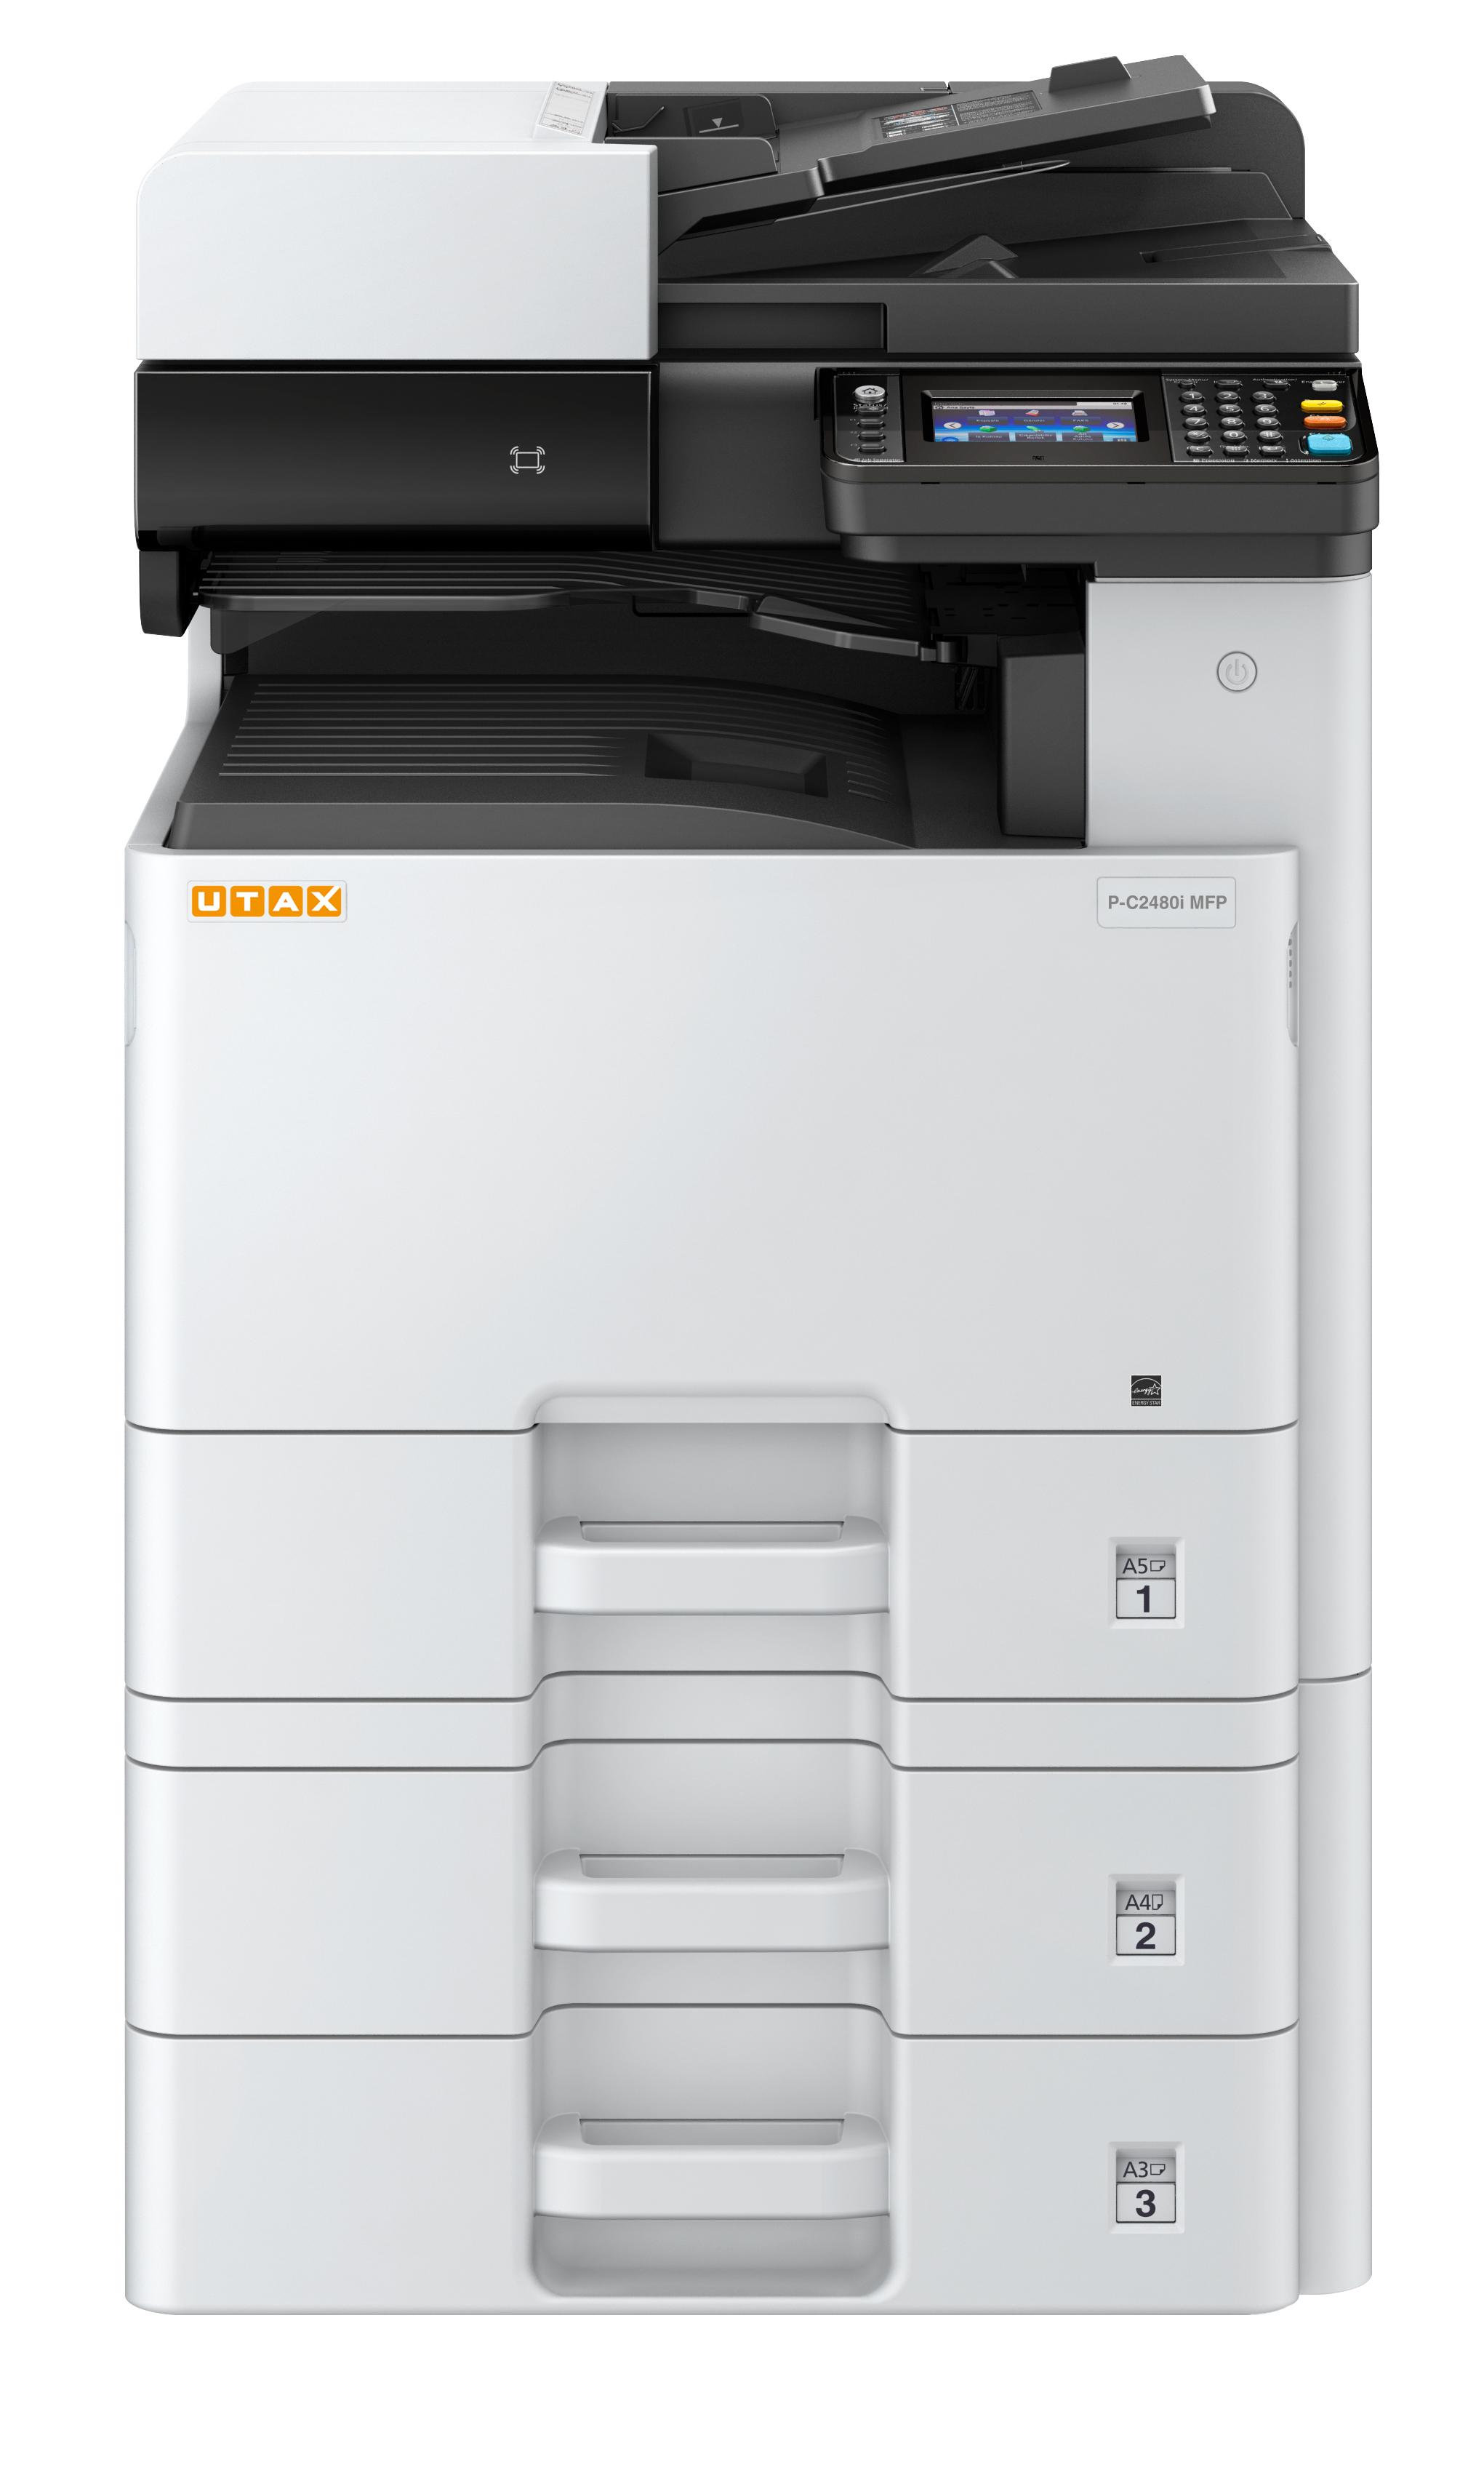 P-C2480i MFP